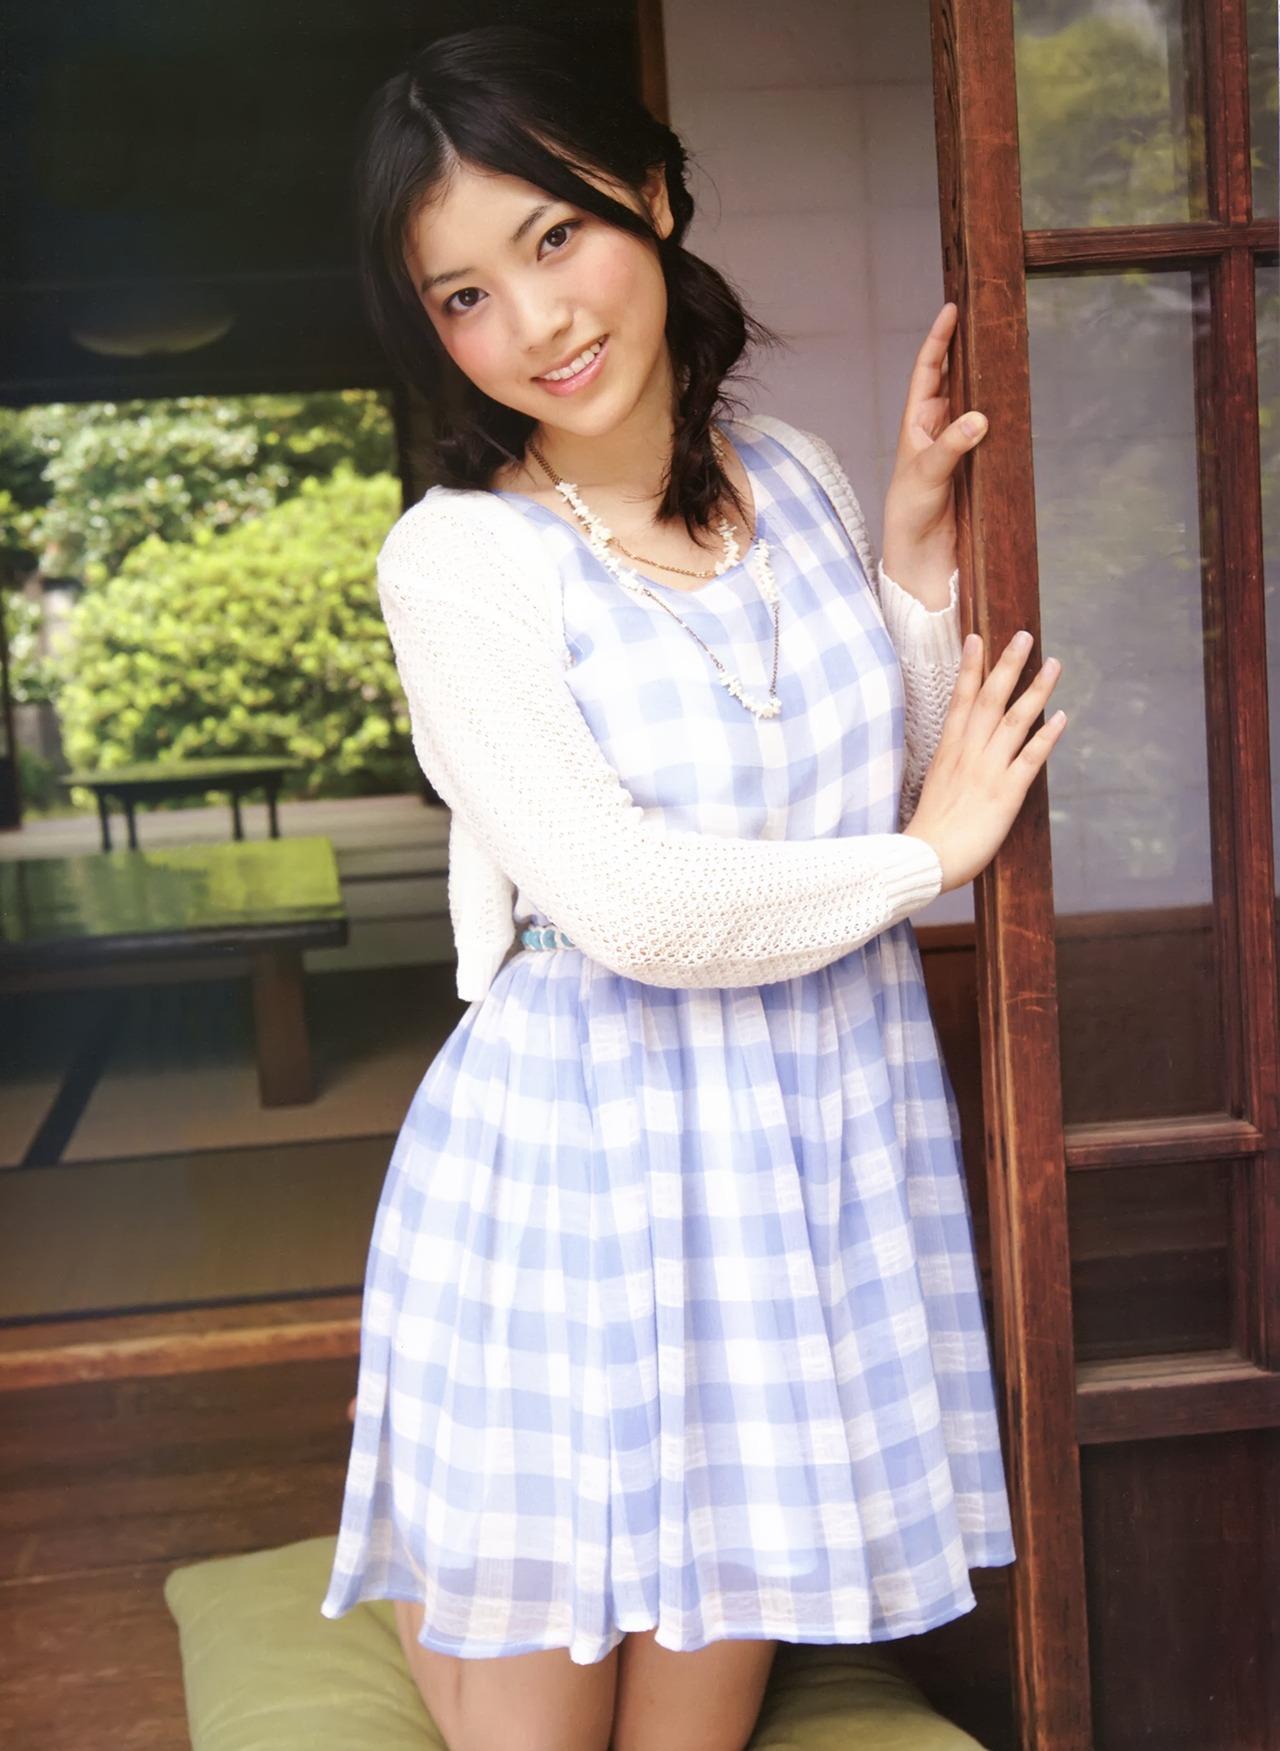 ishihara_kaori070.jpg